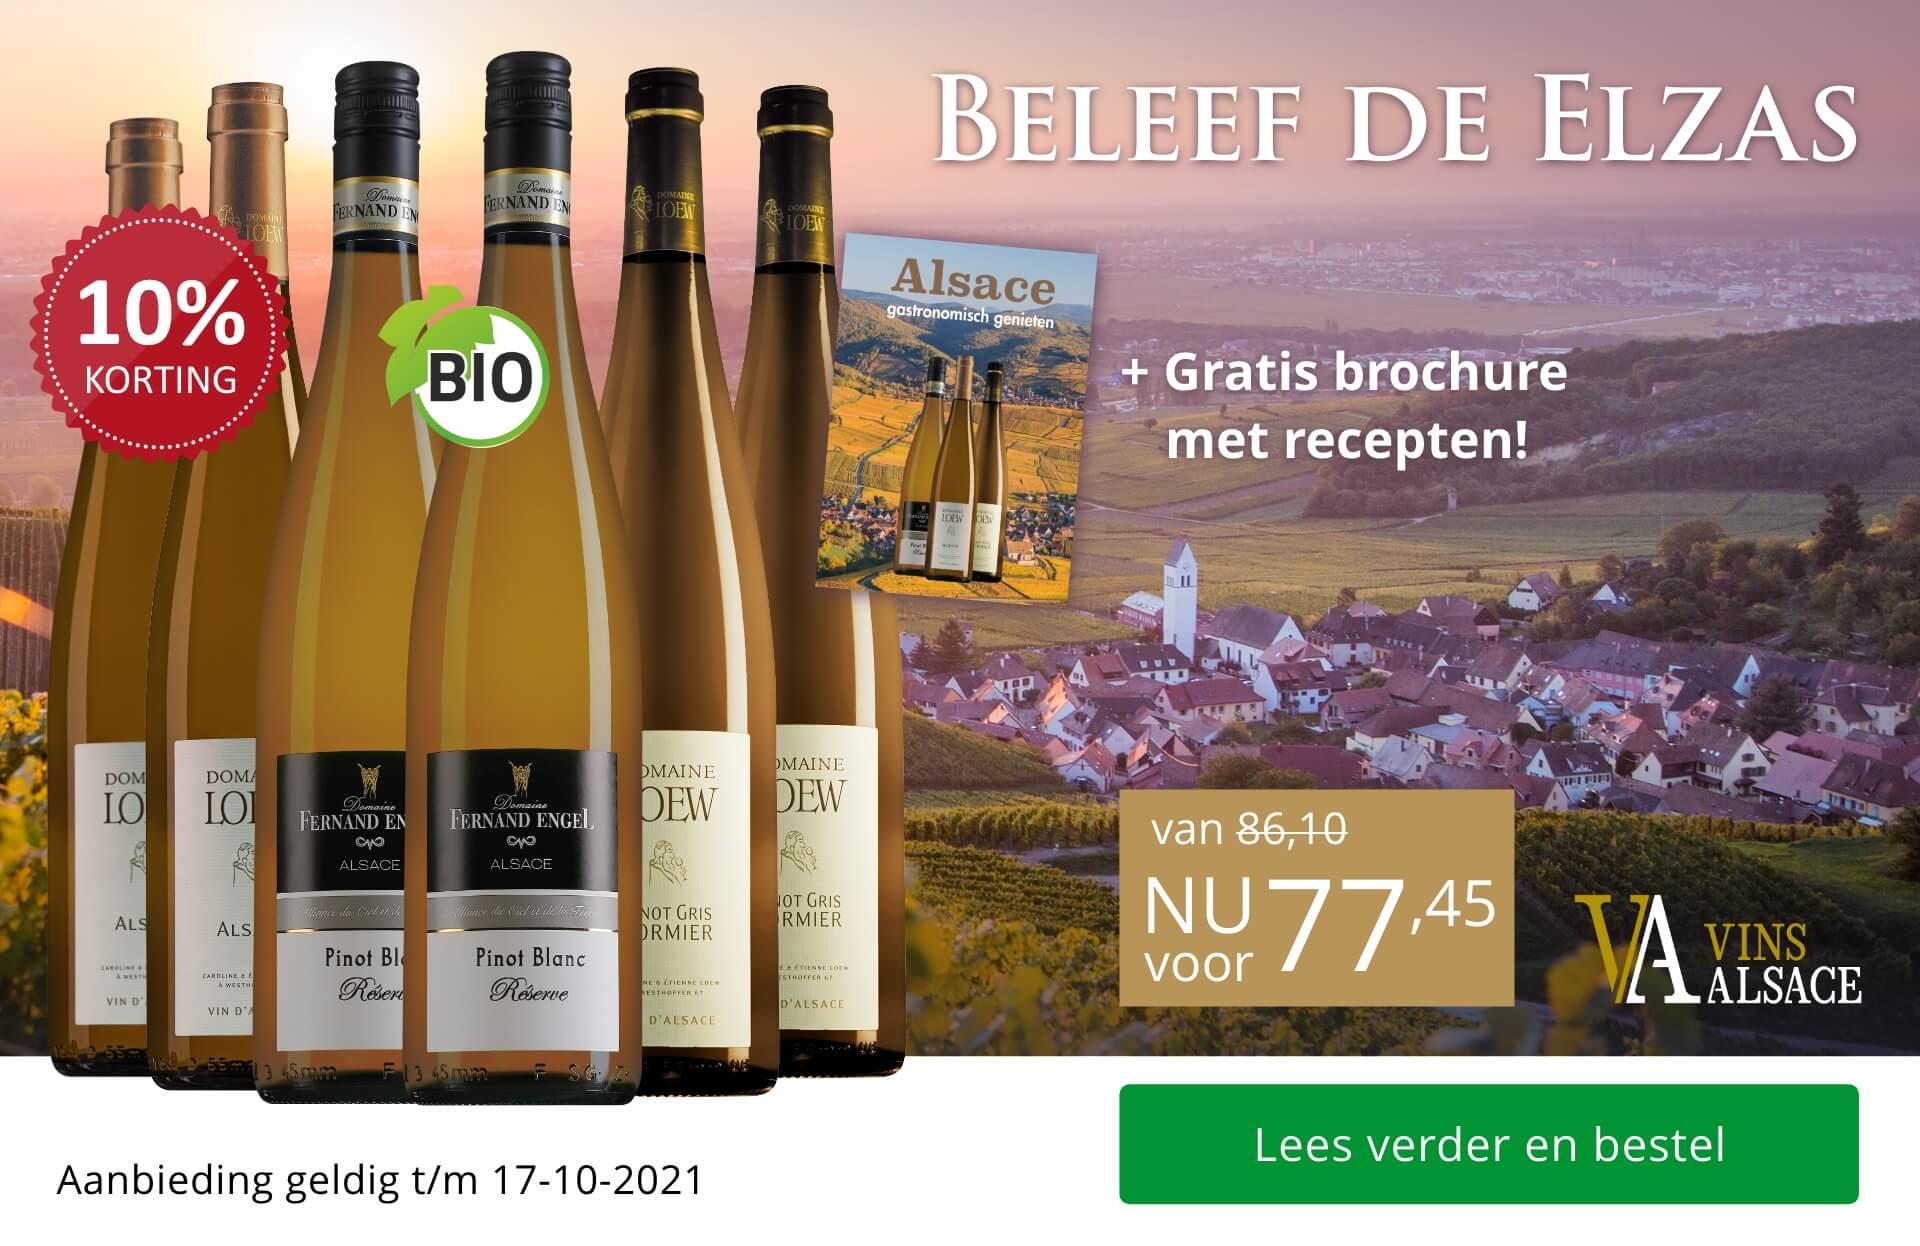 Wijnpakket Elzas (77,45)